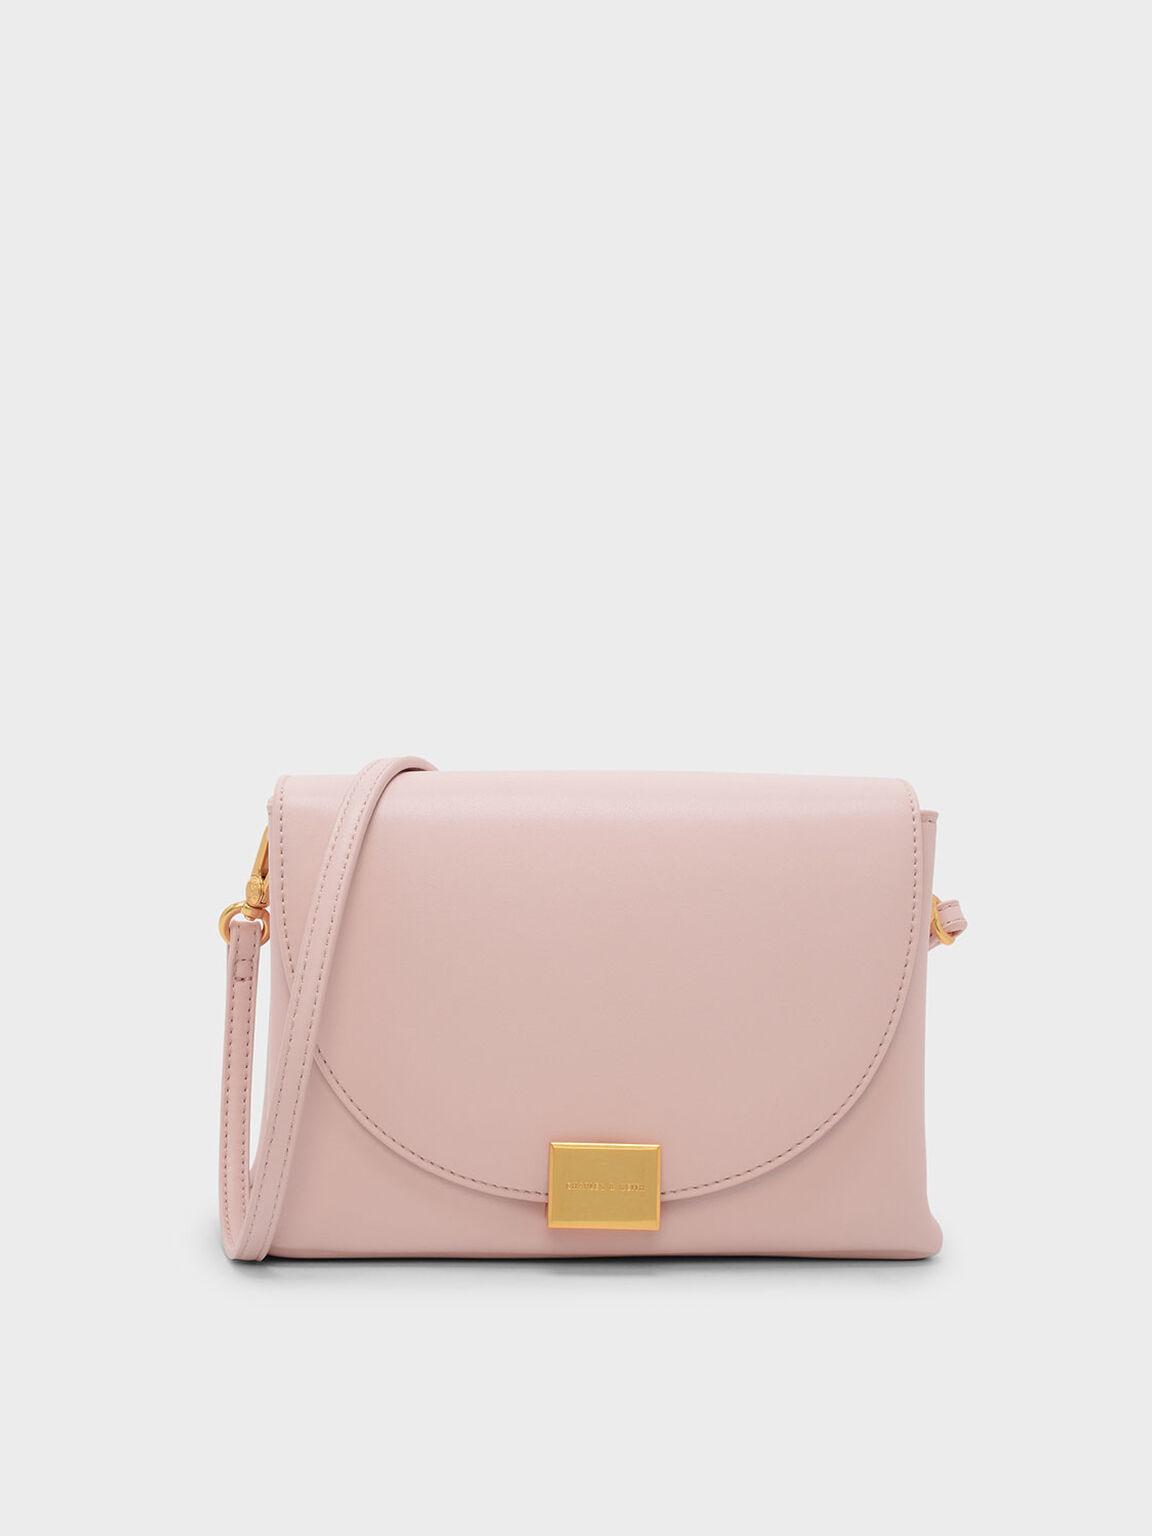 方形扣肩背包, 嫩粉色, hi-res